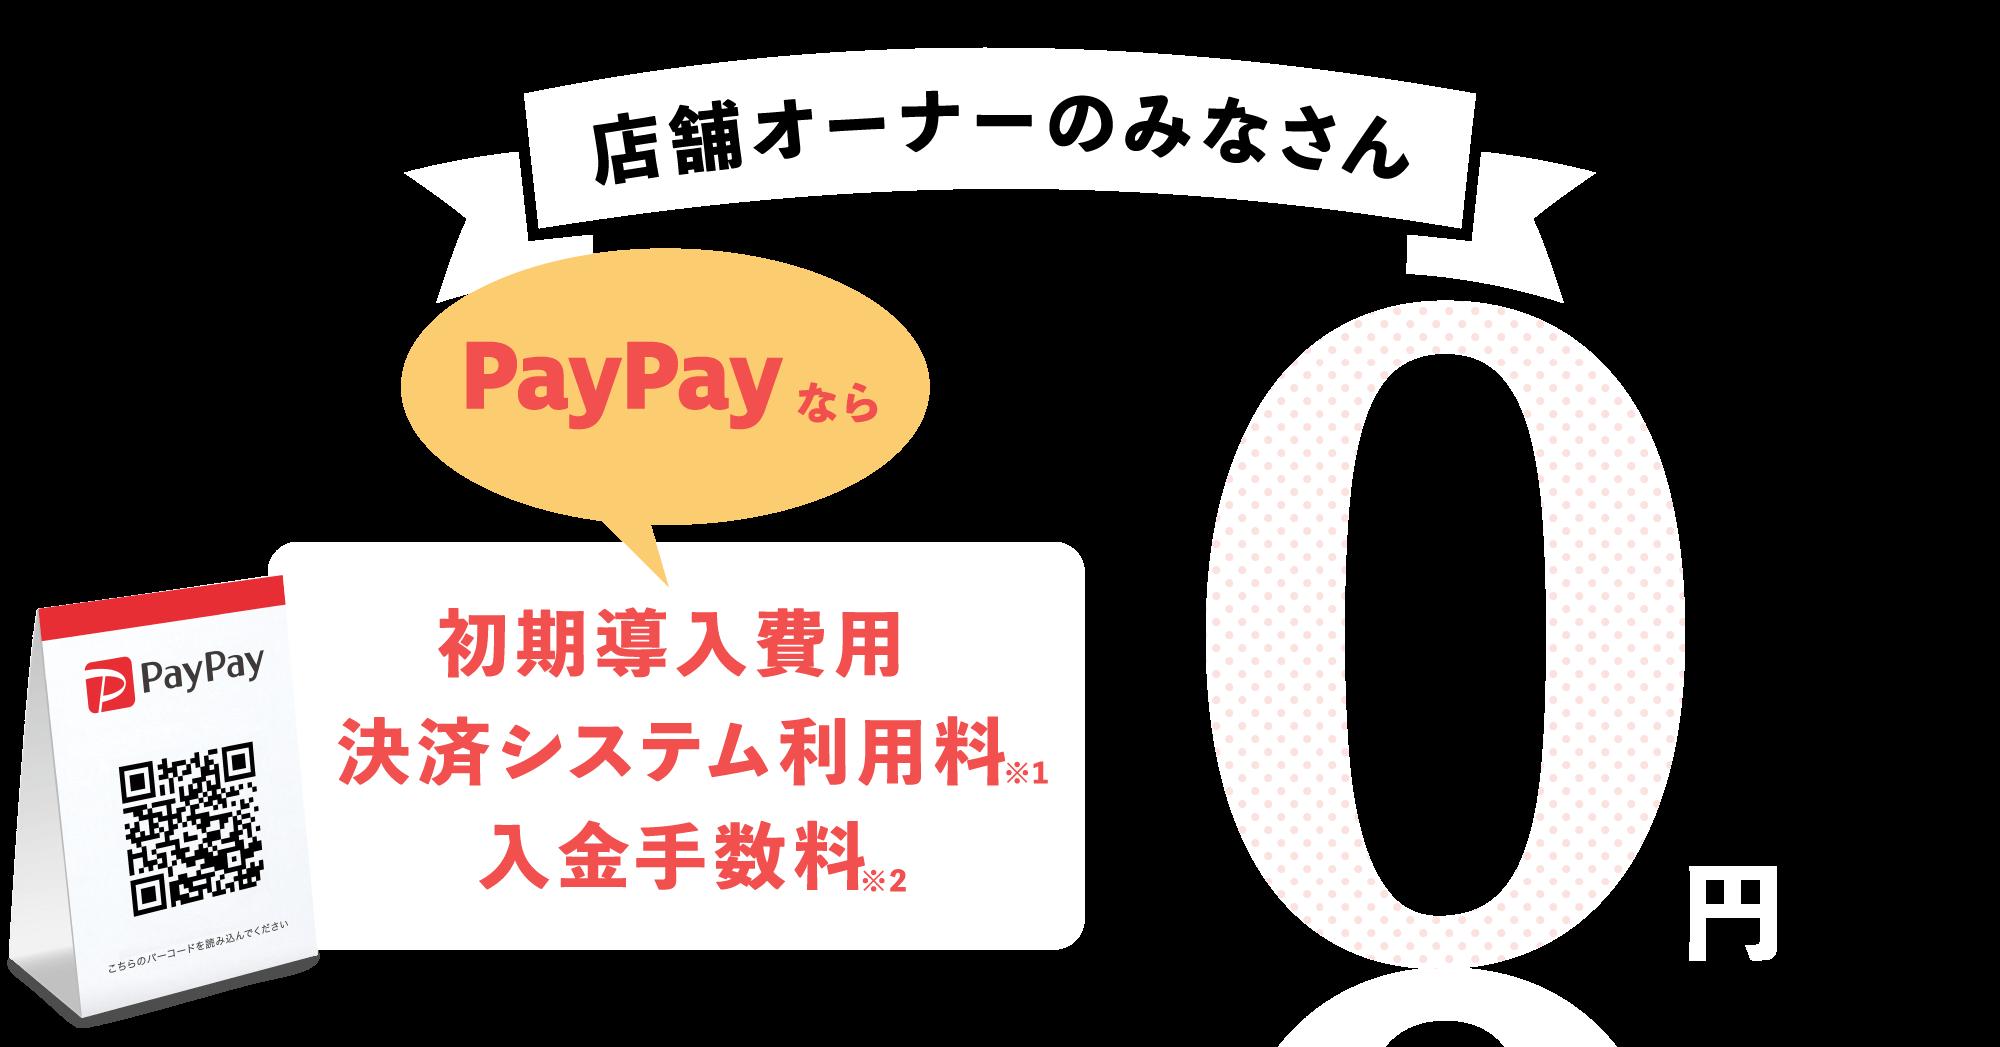 店舗オーナーのみなさん、PayPayなら初期導入費・決済システム利用料・入金手数料0円。